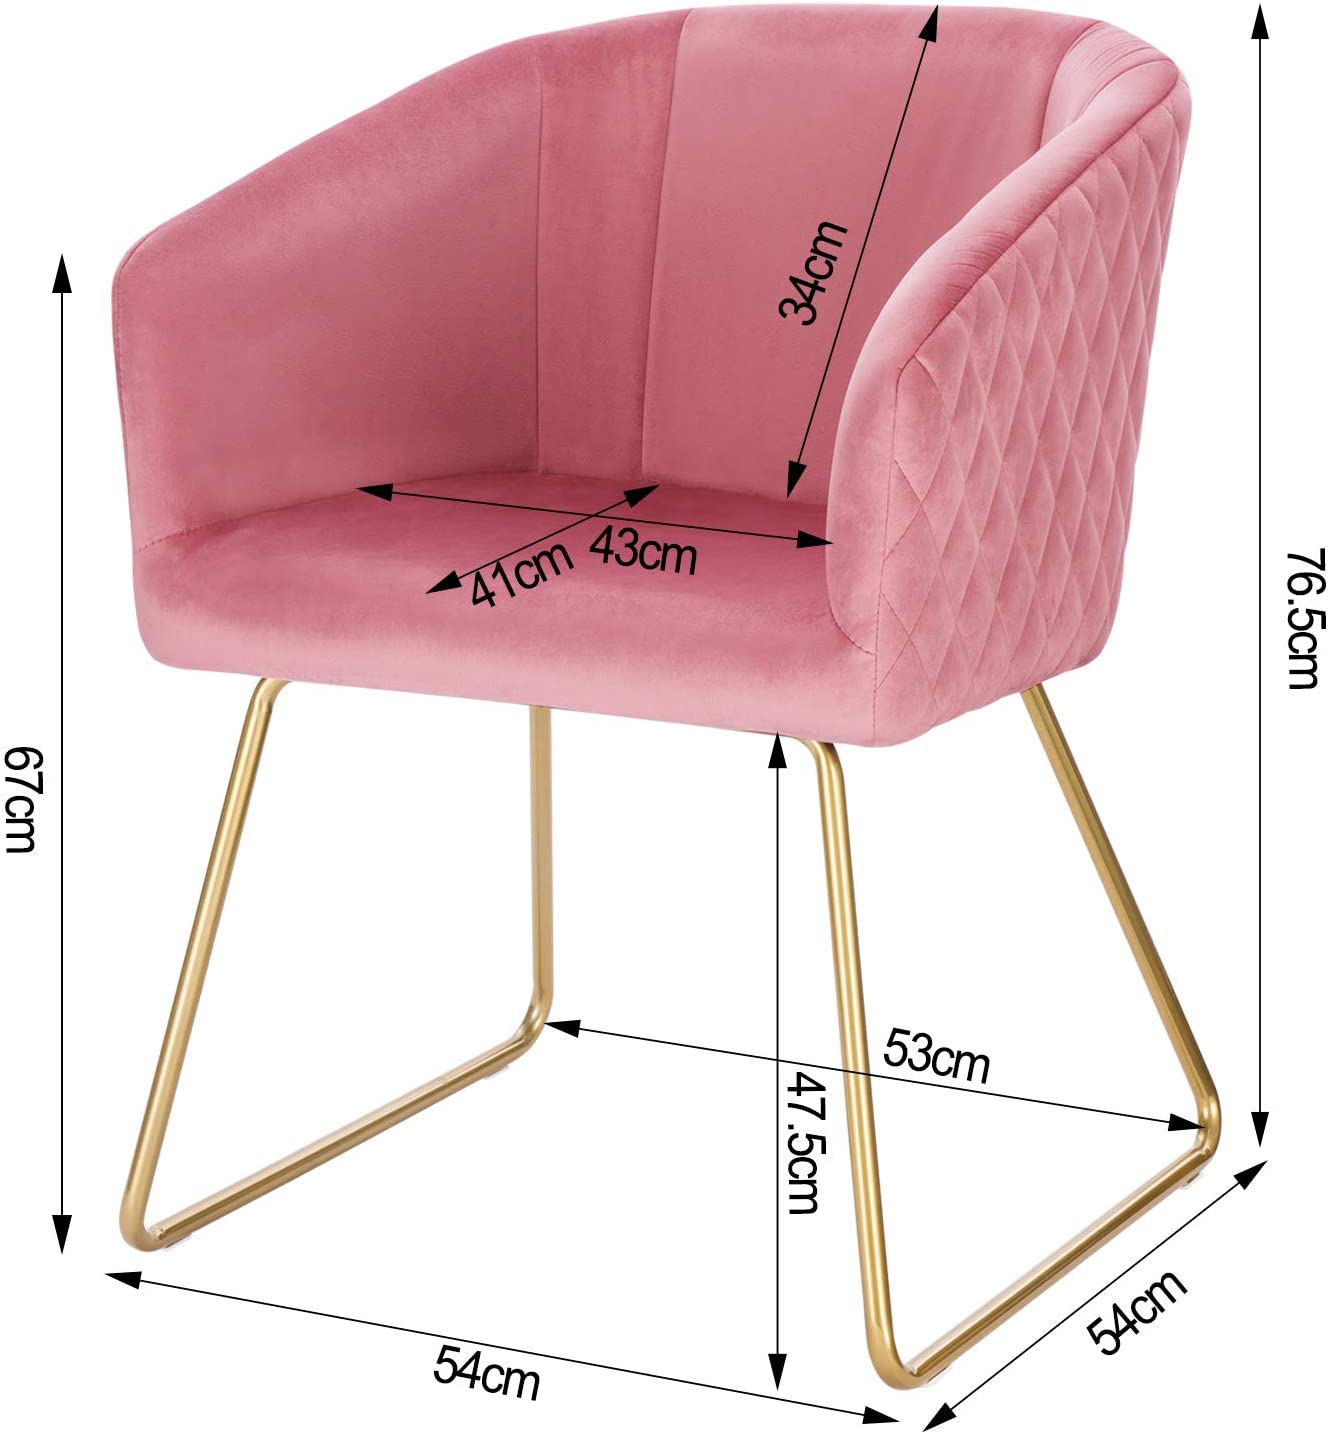 WOLTU 4X Sedie per Camera da Letto Moderne in Velluto Comfort Poltrona Imbottita Gambe Dorato di Metallo Bordeaux BH271bd-4